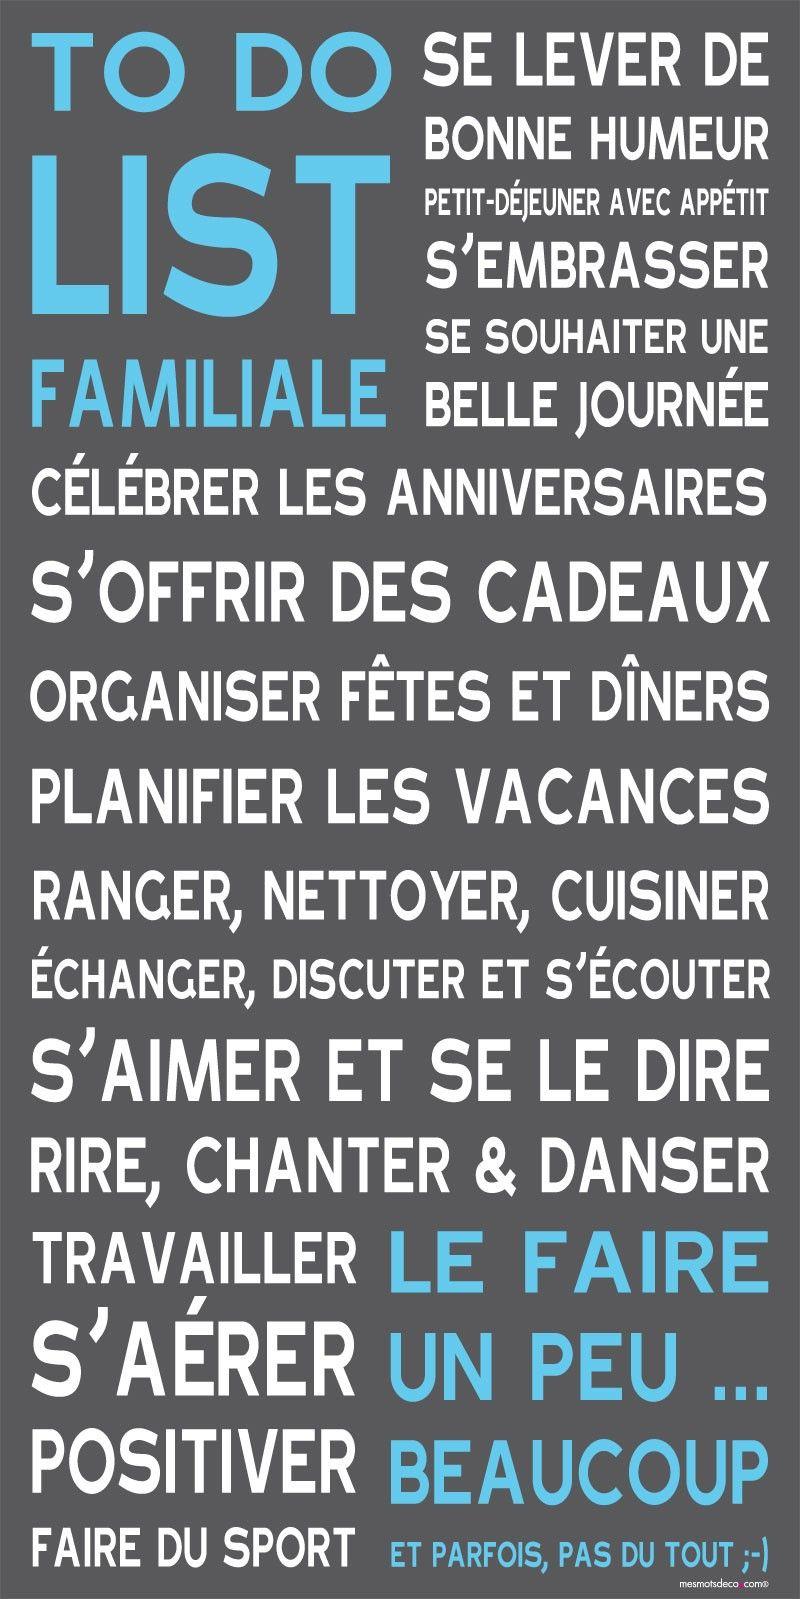 Tableau deco bleu gris - To Do List familiale | French | Pinterest